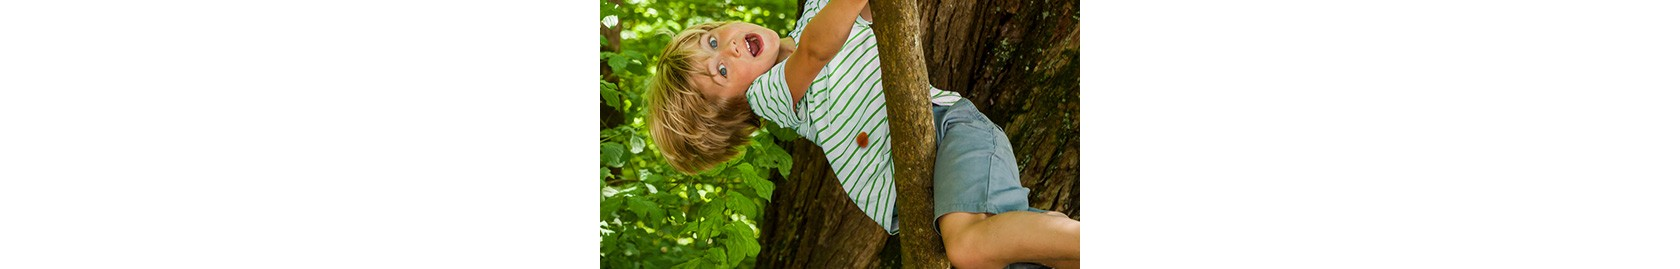 Blonder Junge mit weiß-grün gestreiftem T-Shirt sitzt in einem Baum mit hellgrünen Blättern